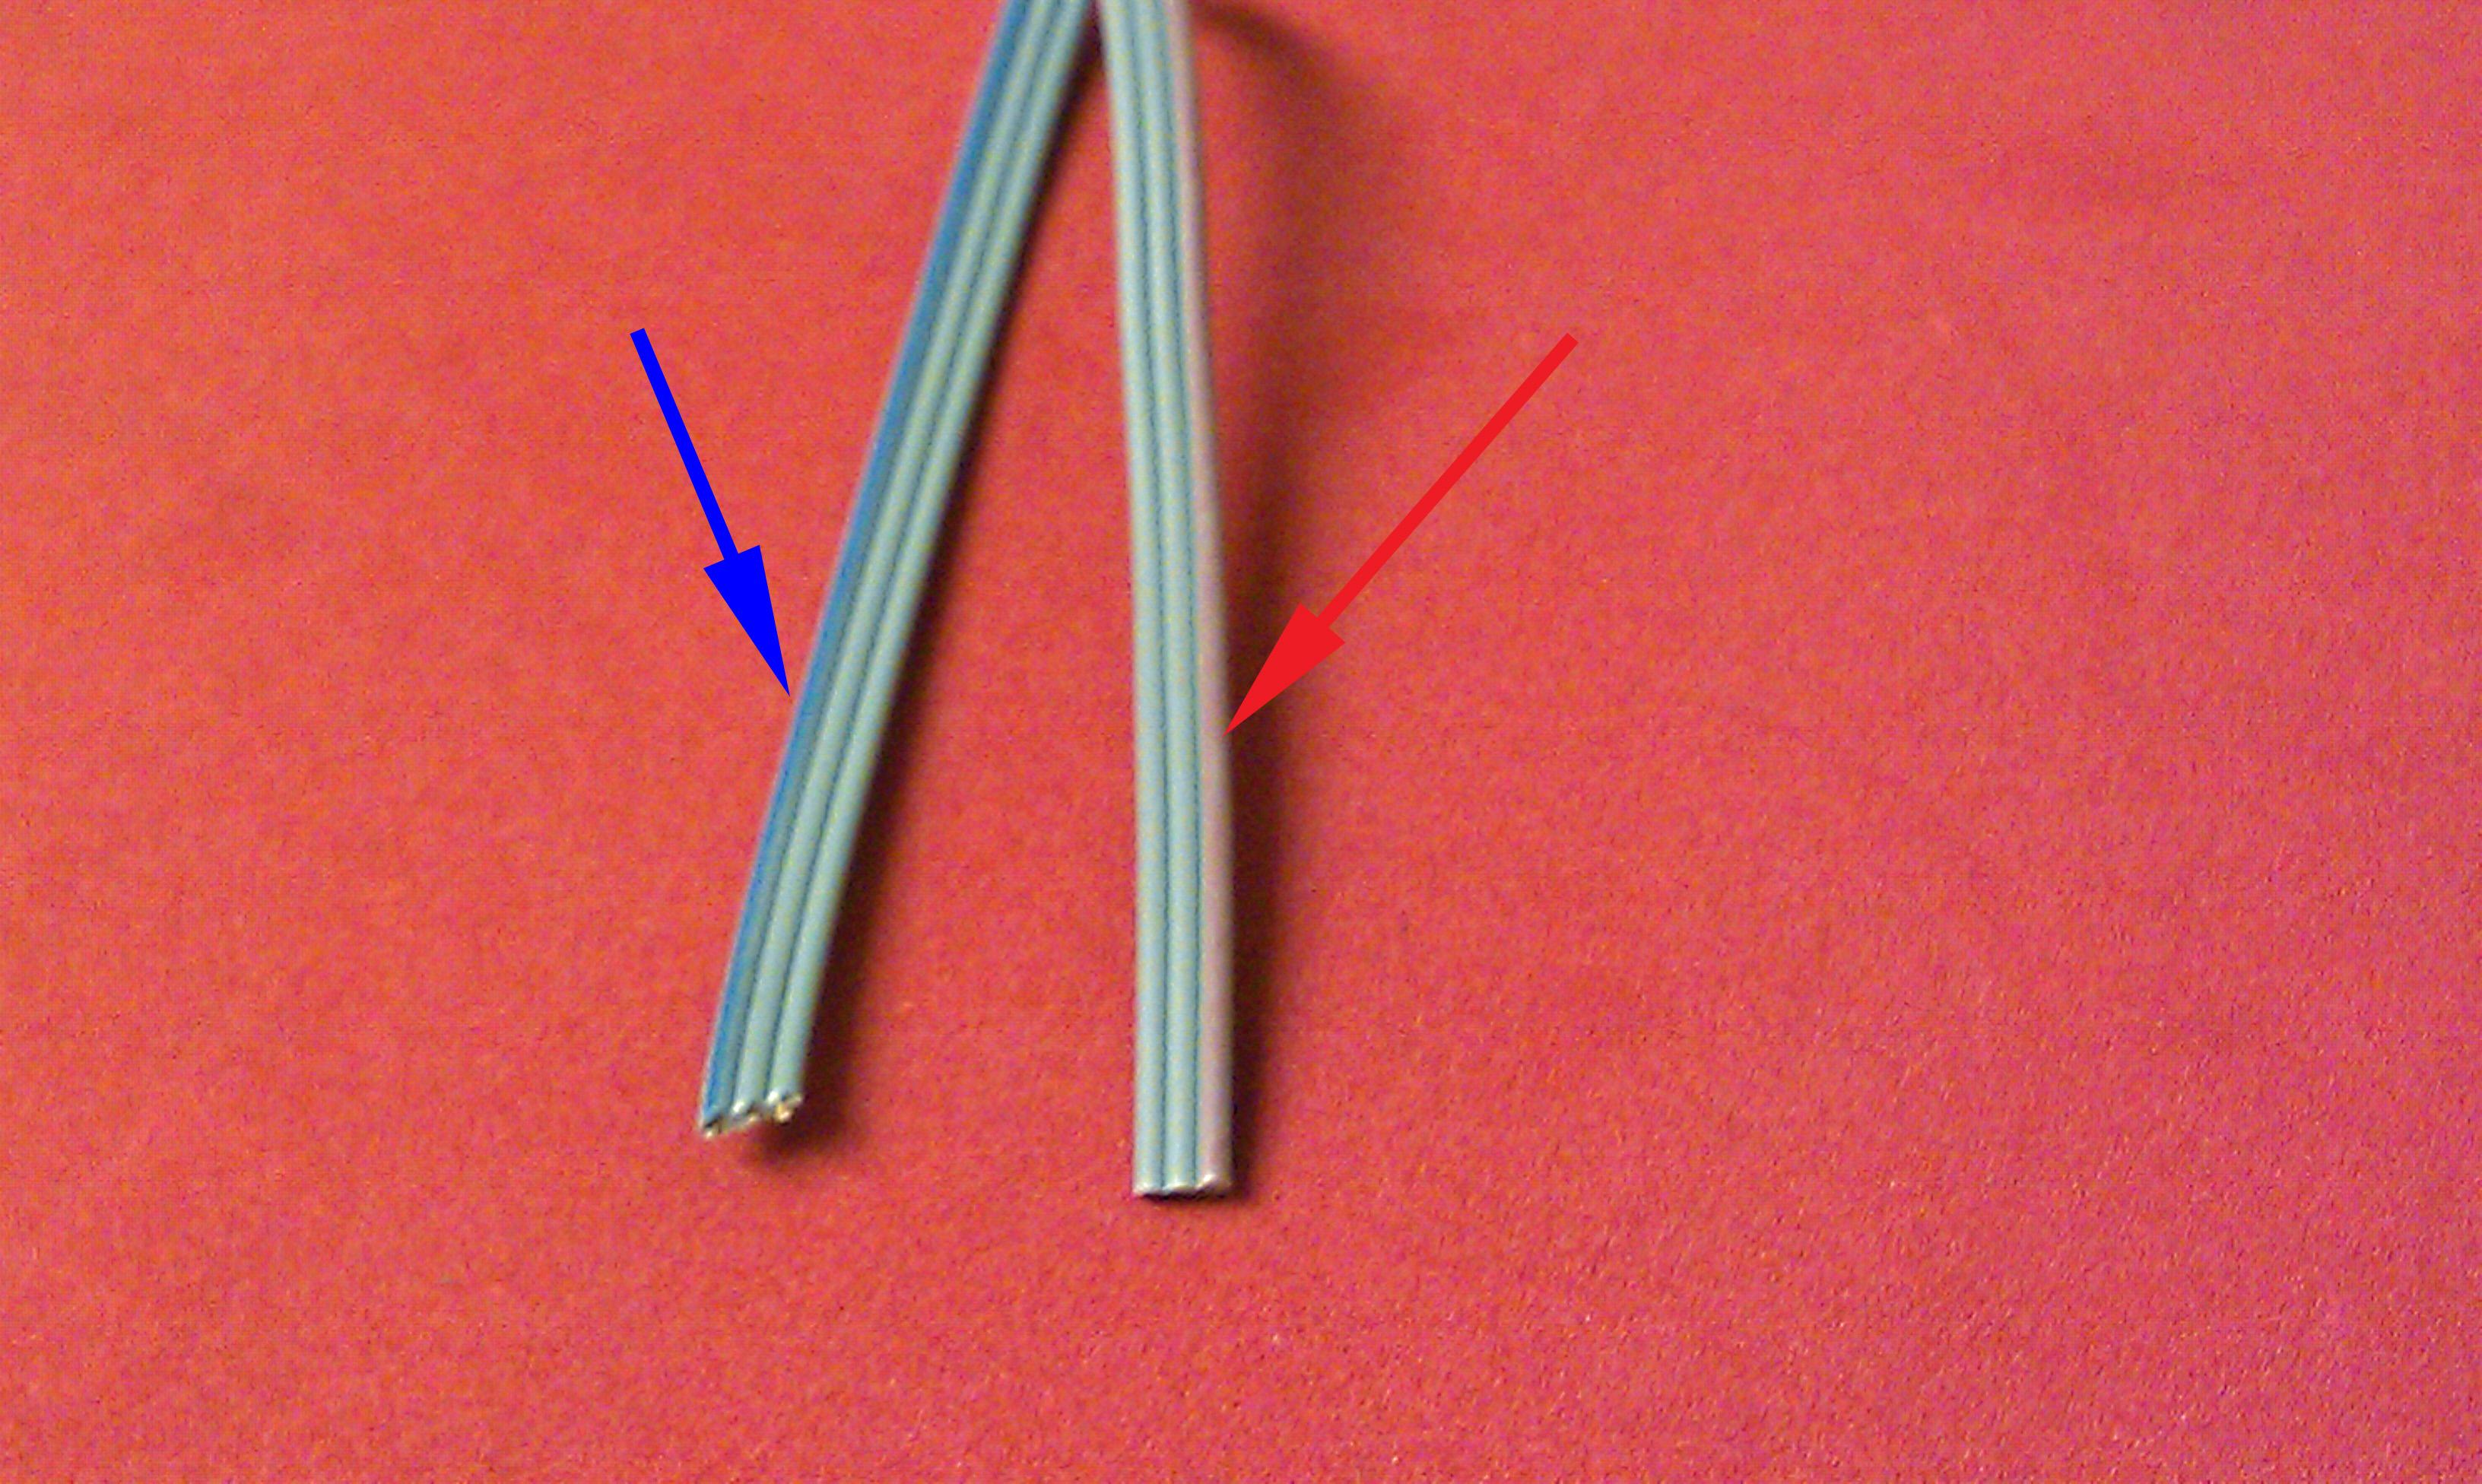 striped speaker wire is wires